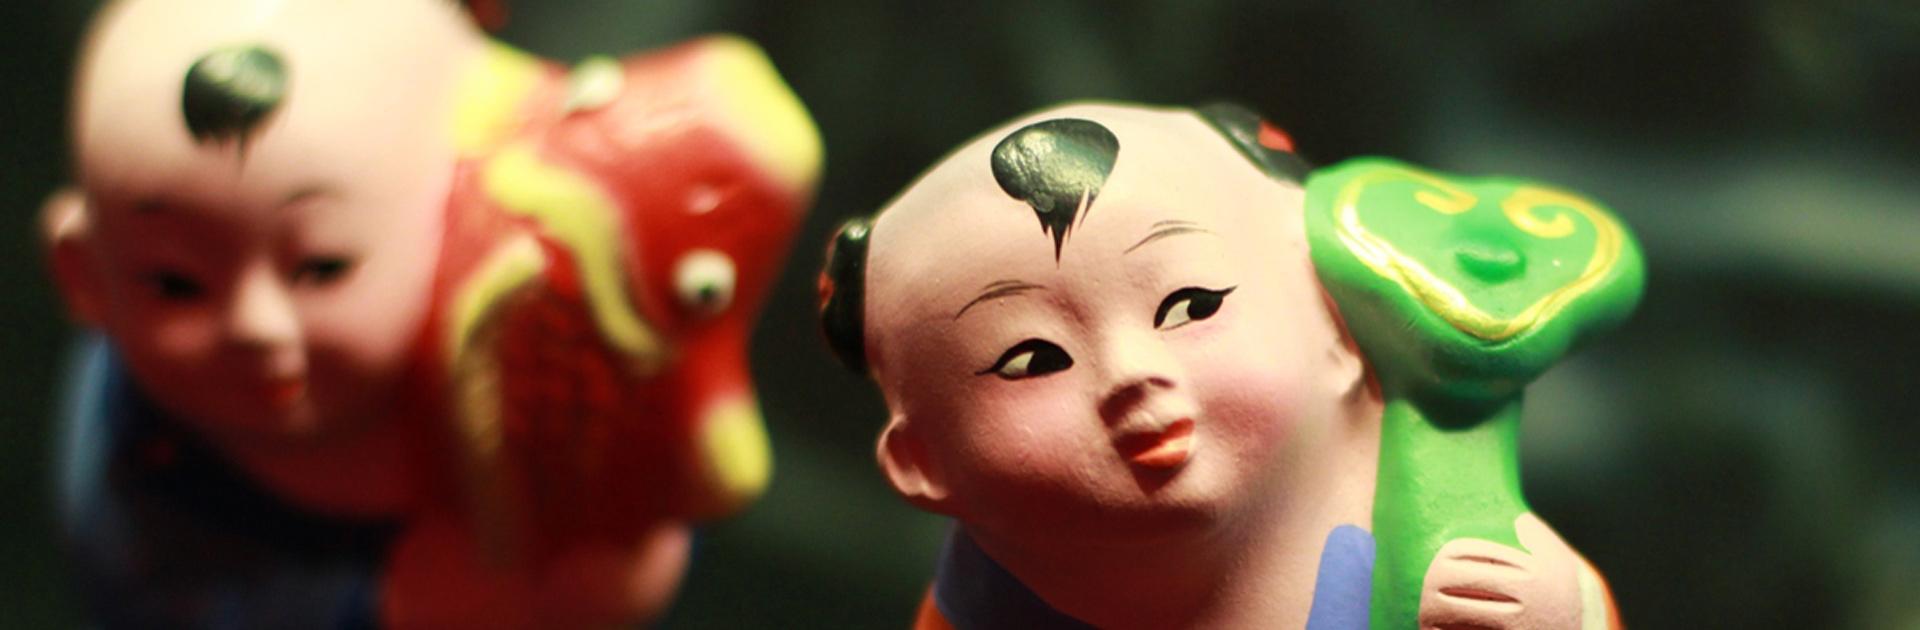 CNJP Lejano Oriente China y Japón 19 días 1